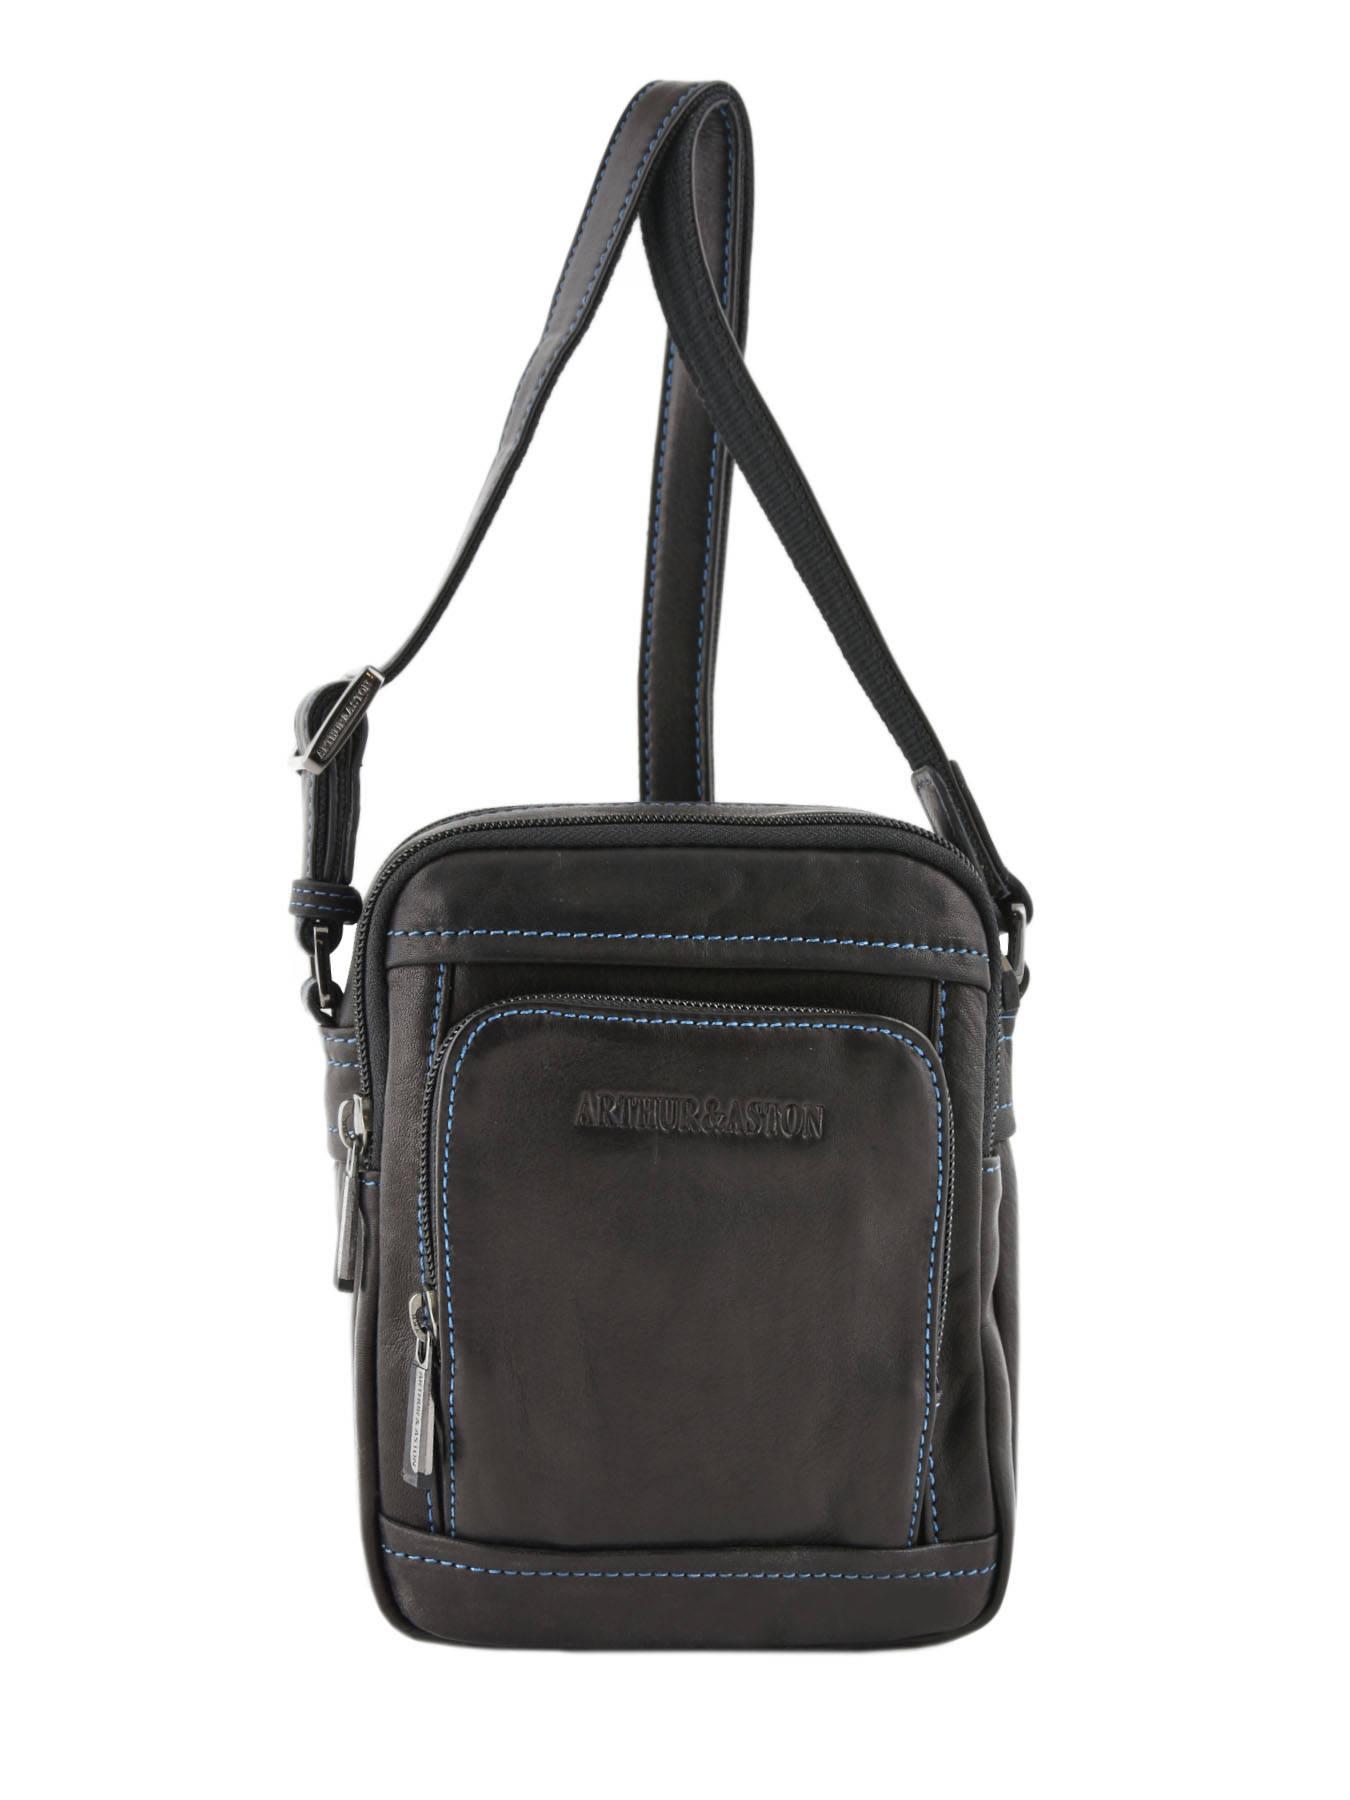 besace sac bandouli re arthur et aston noir bleu en vente au meilleur prix. Black Bedroom Furniture Sets. Home Design Ideas